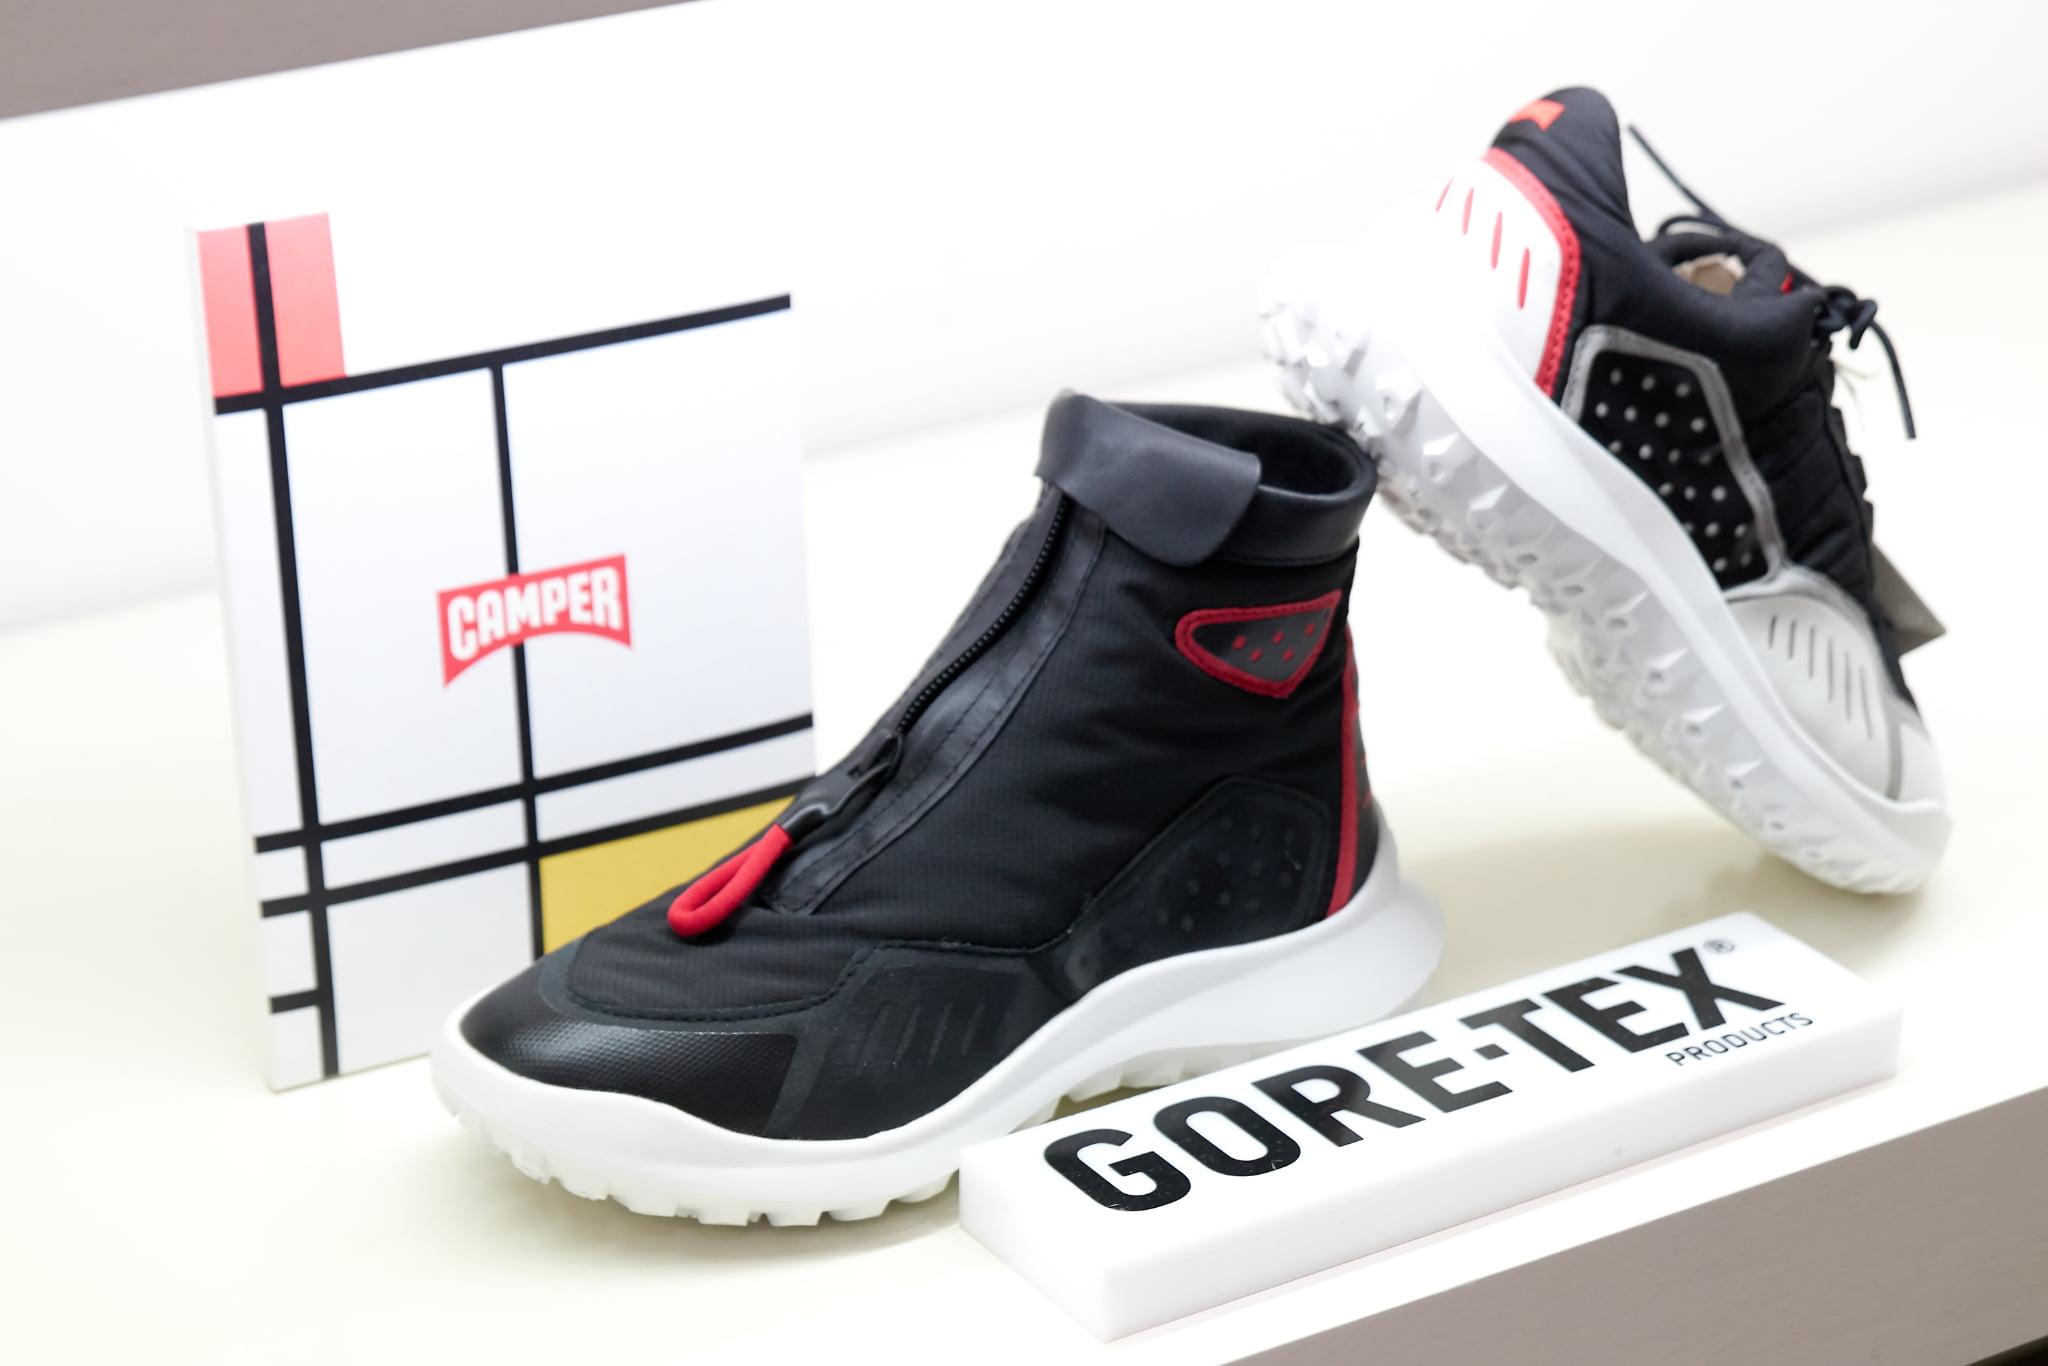 Zapatos Gore-tex Camper – Calzados Ramón Marsal